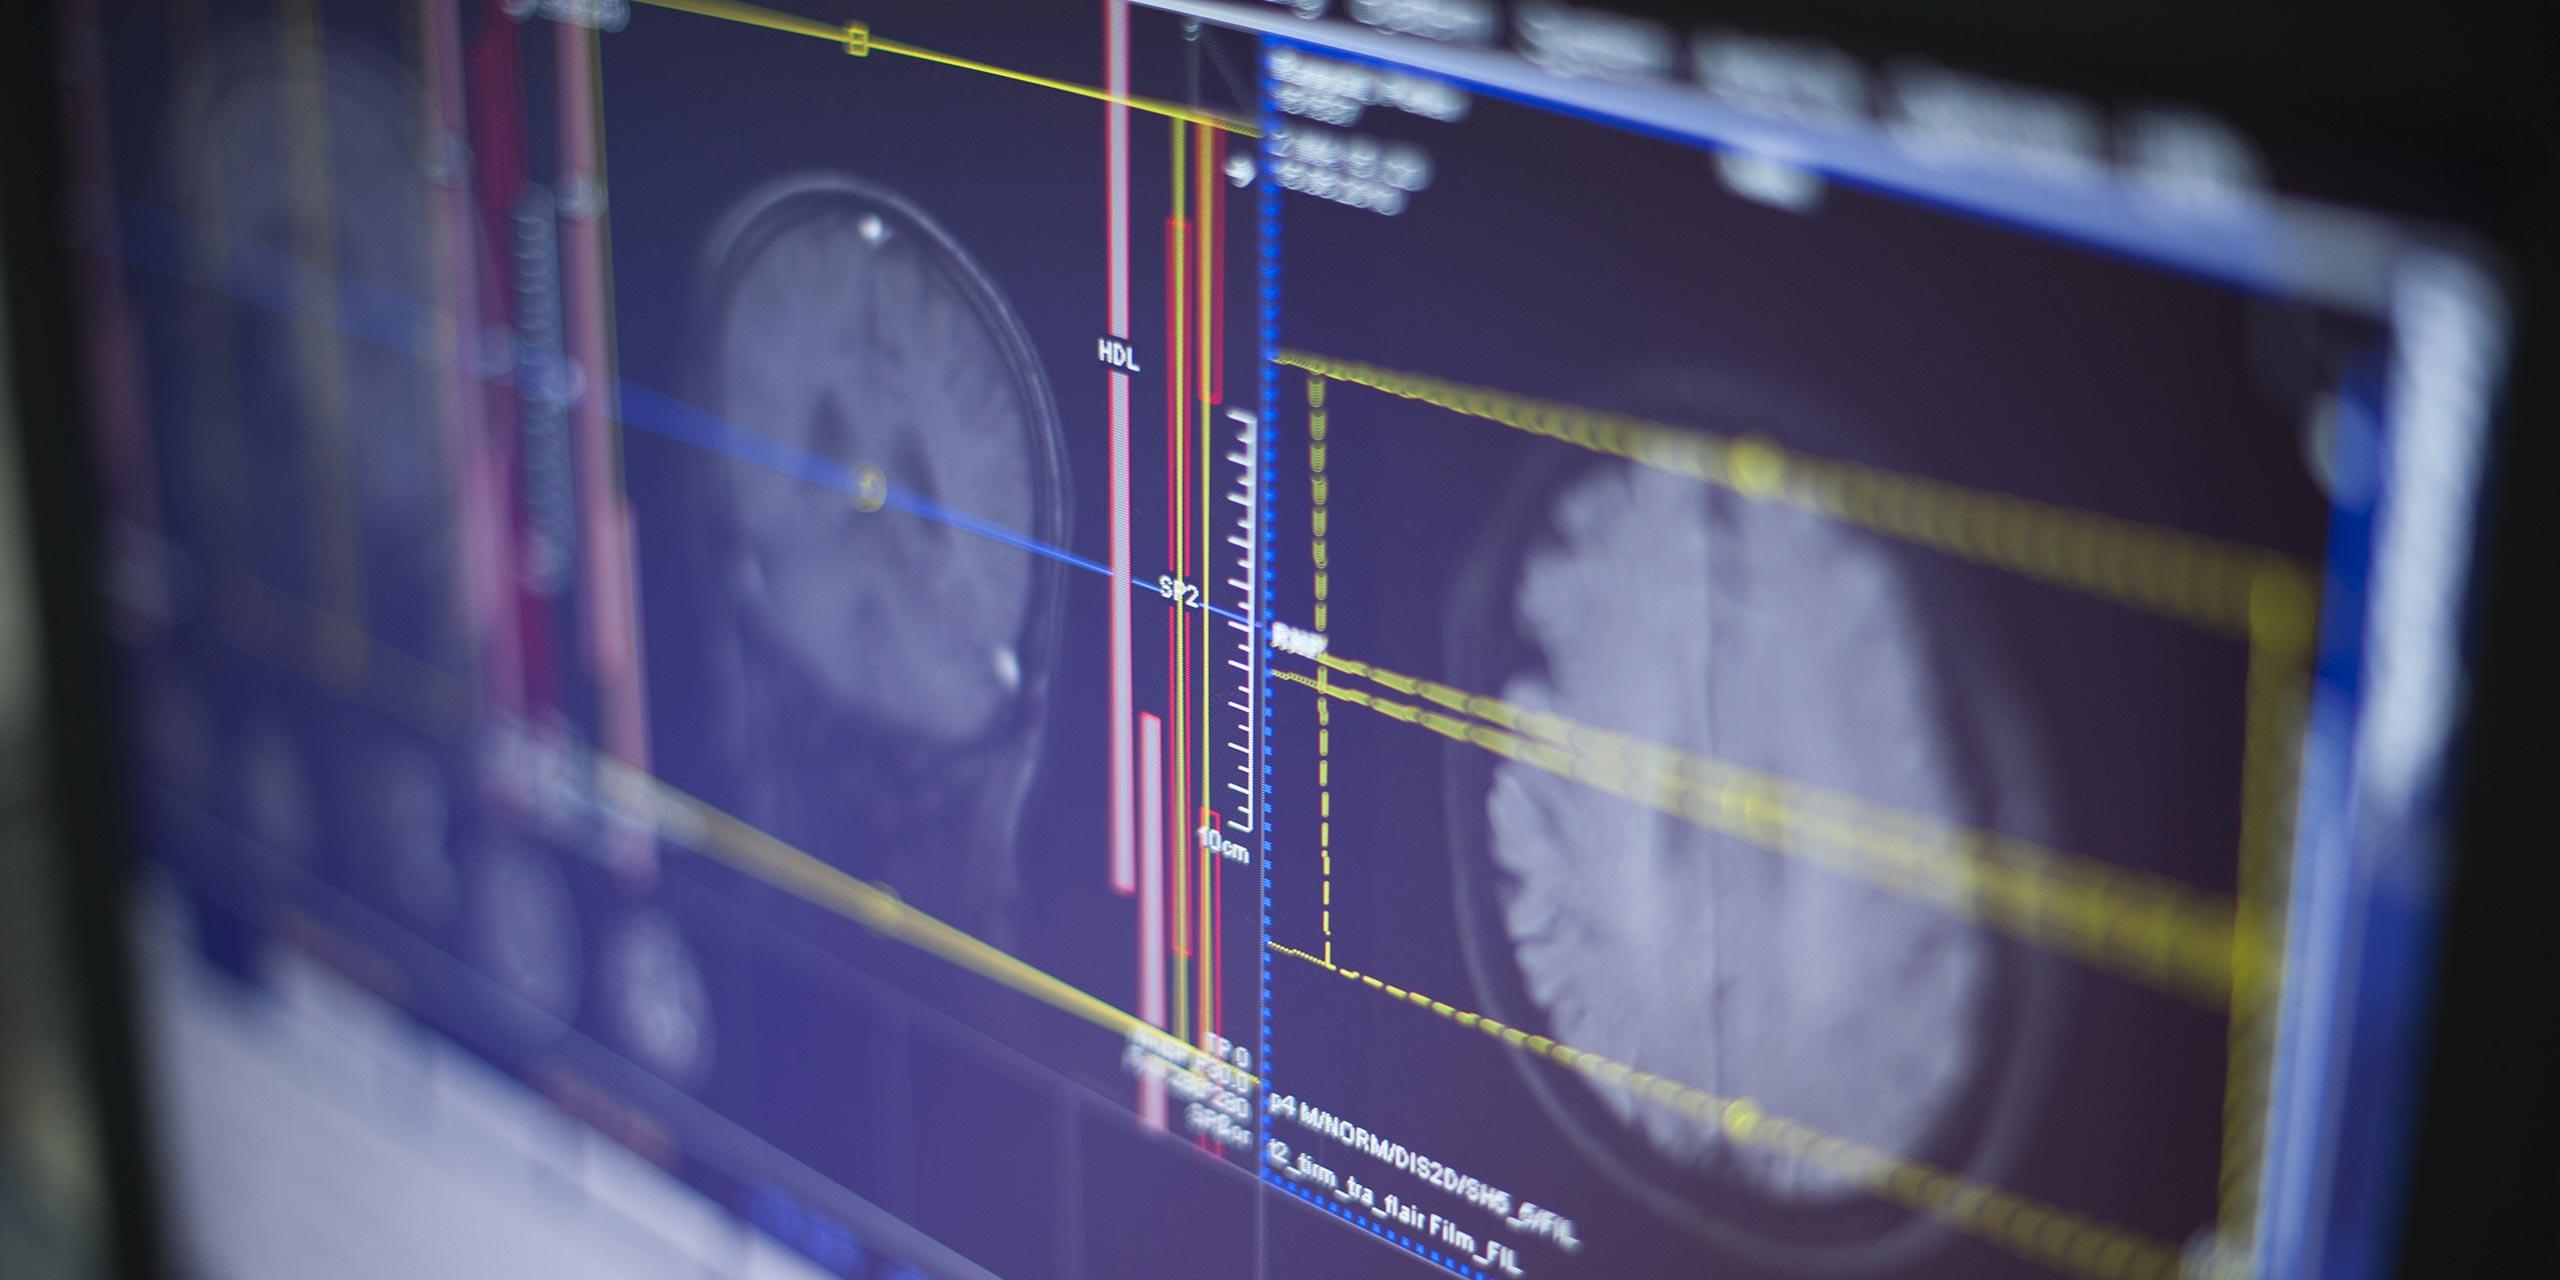 Kernspinzentrum Hamburg-Süd - Spektrum - Schmerztherapie